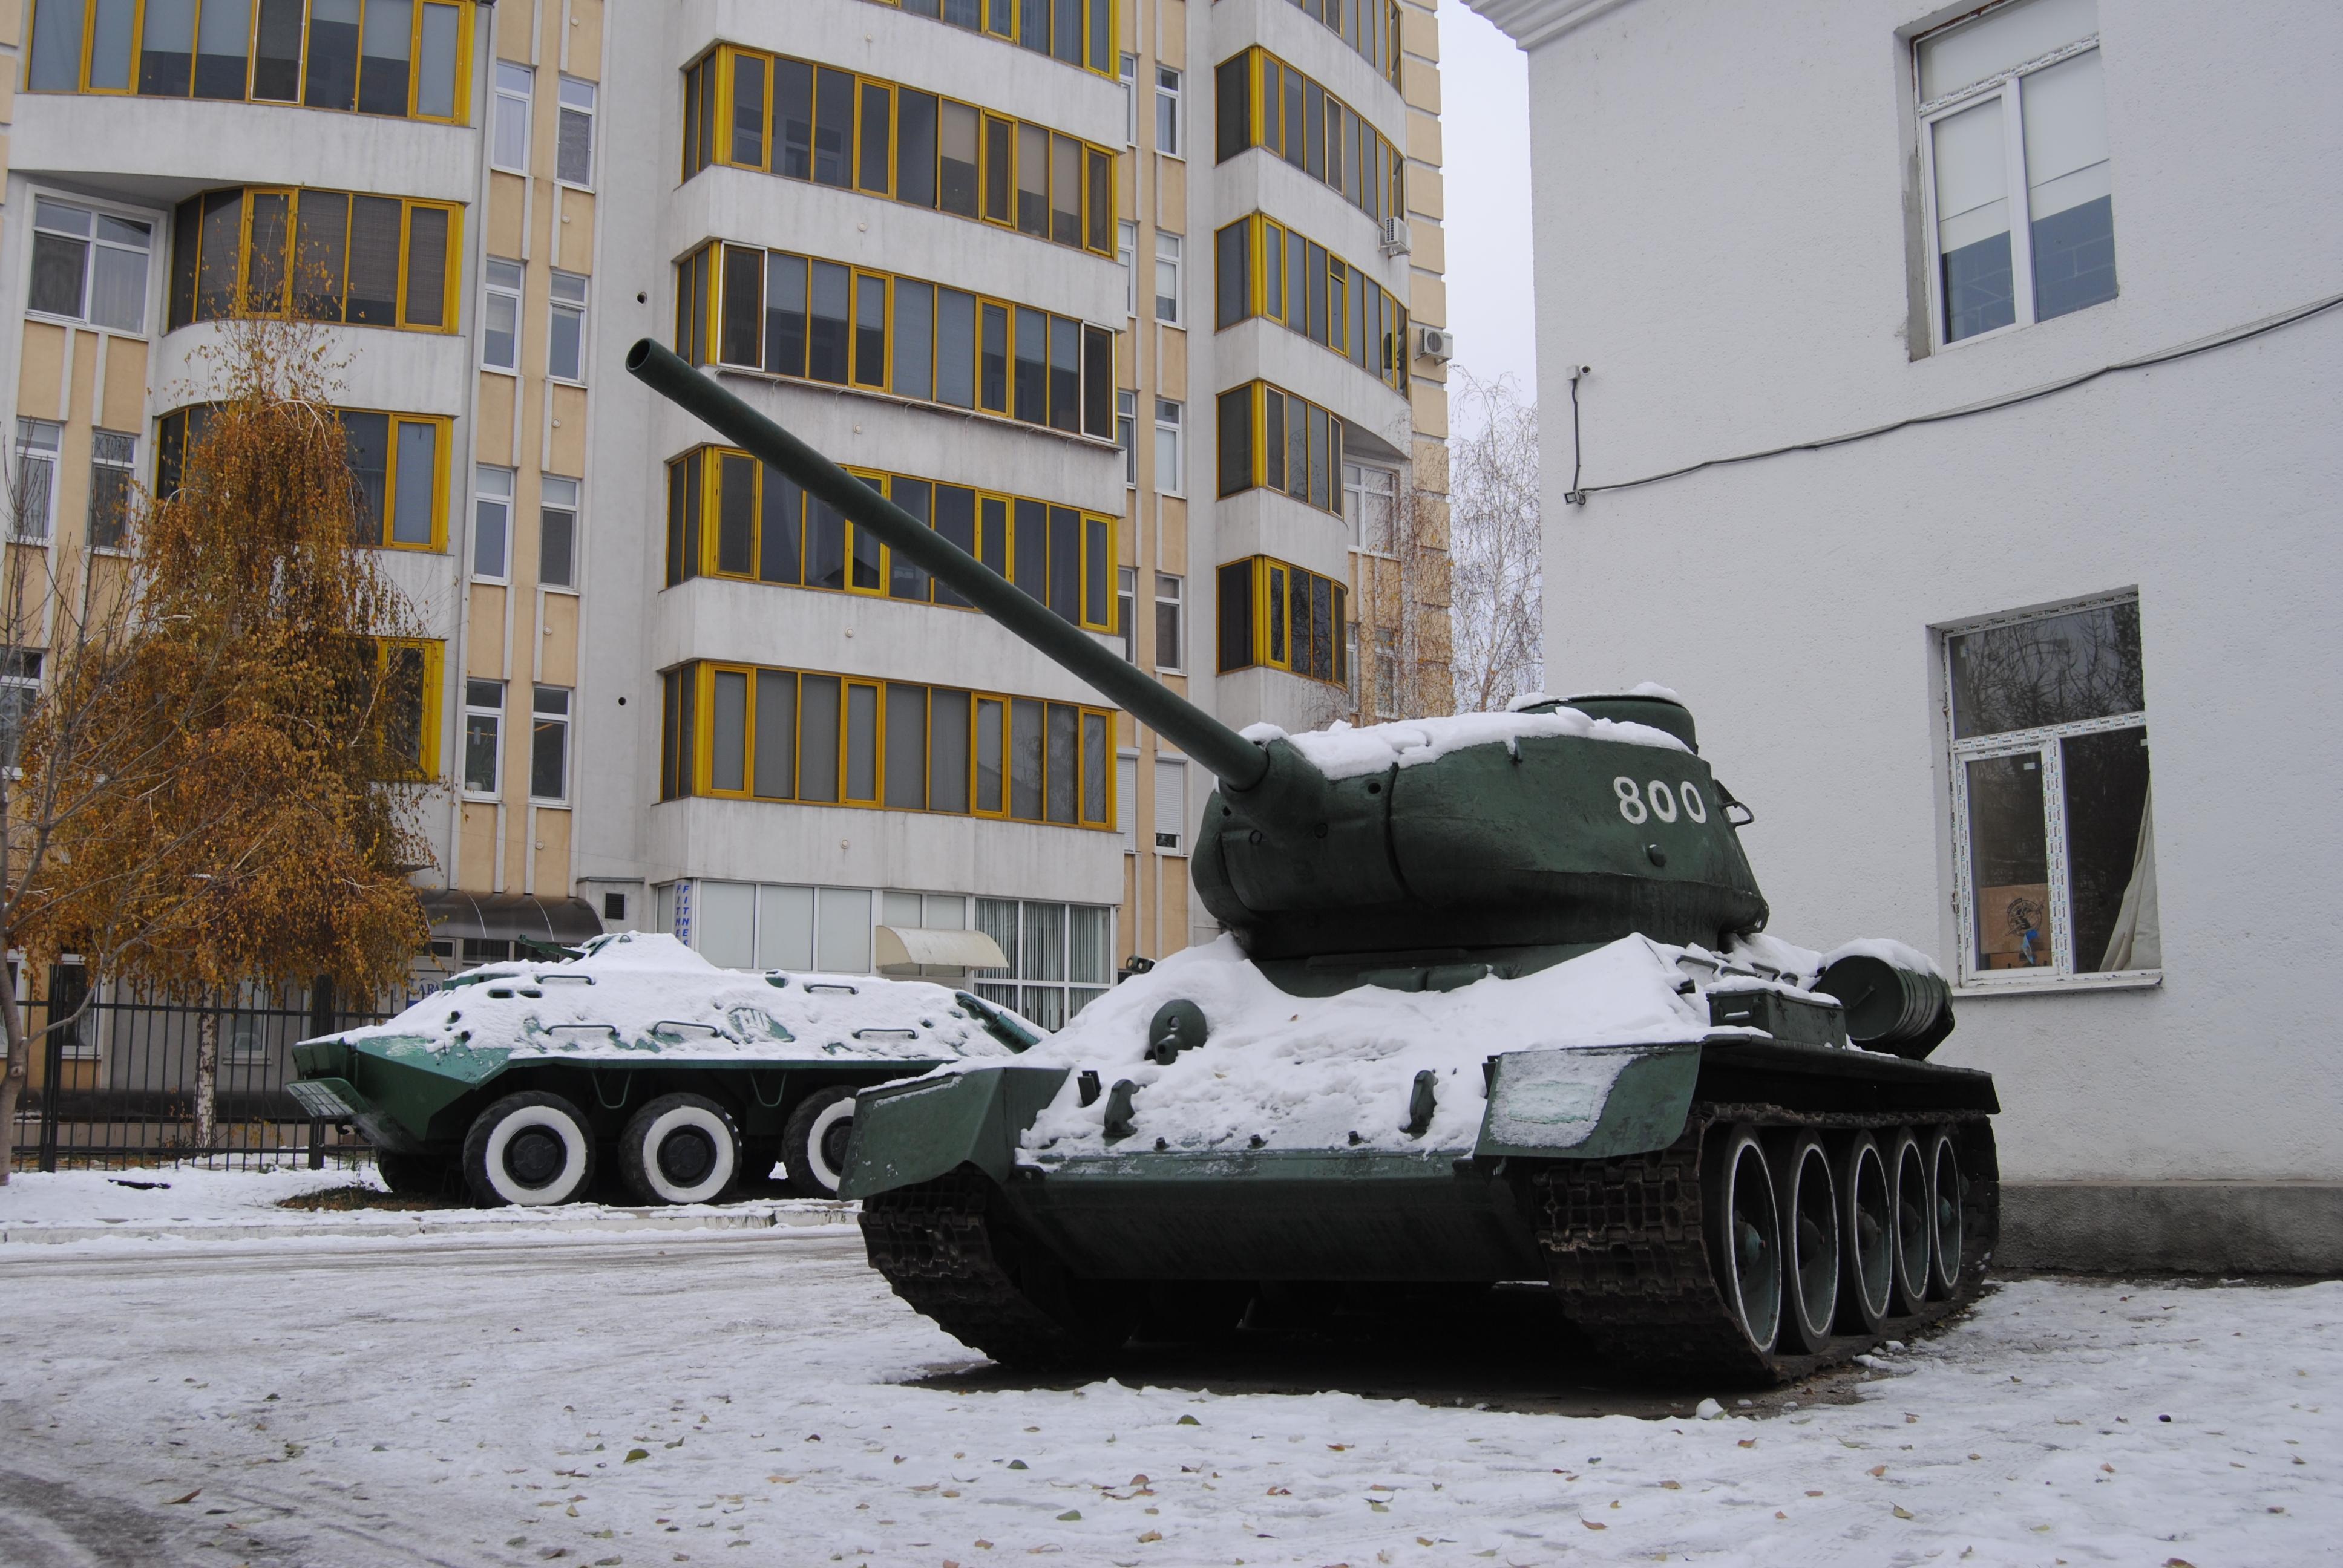 Museo Militar de Chisinau